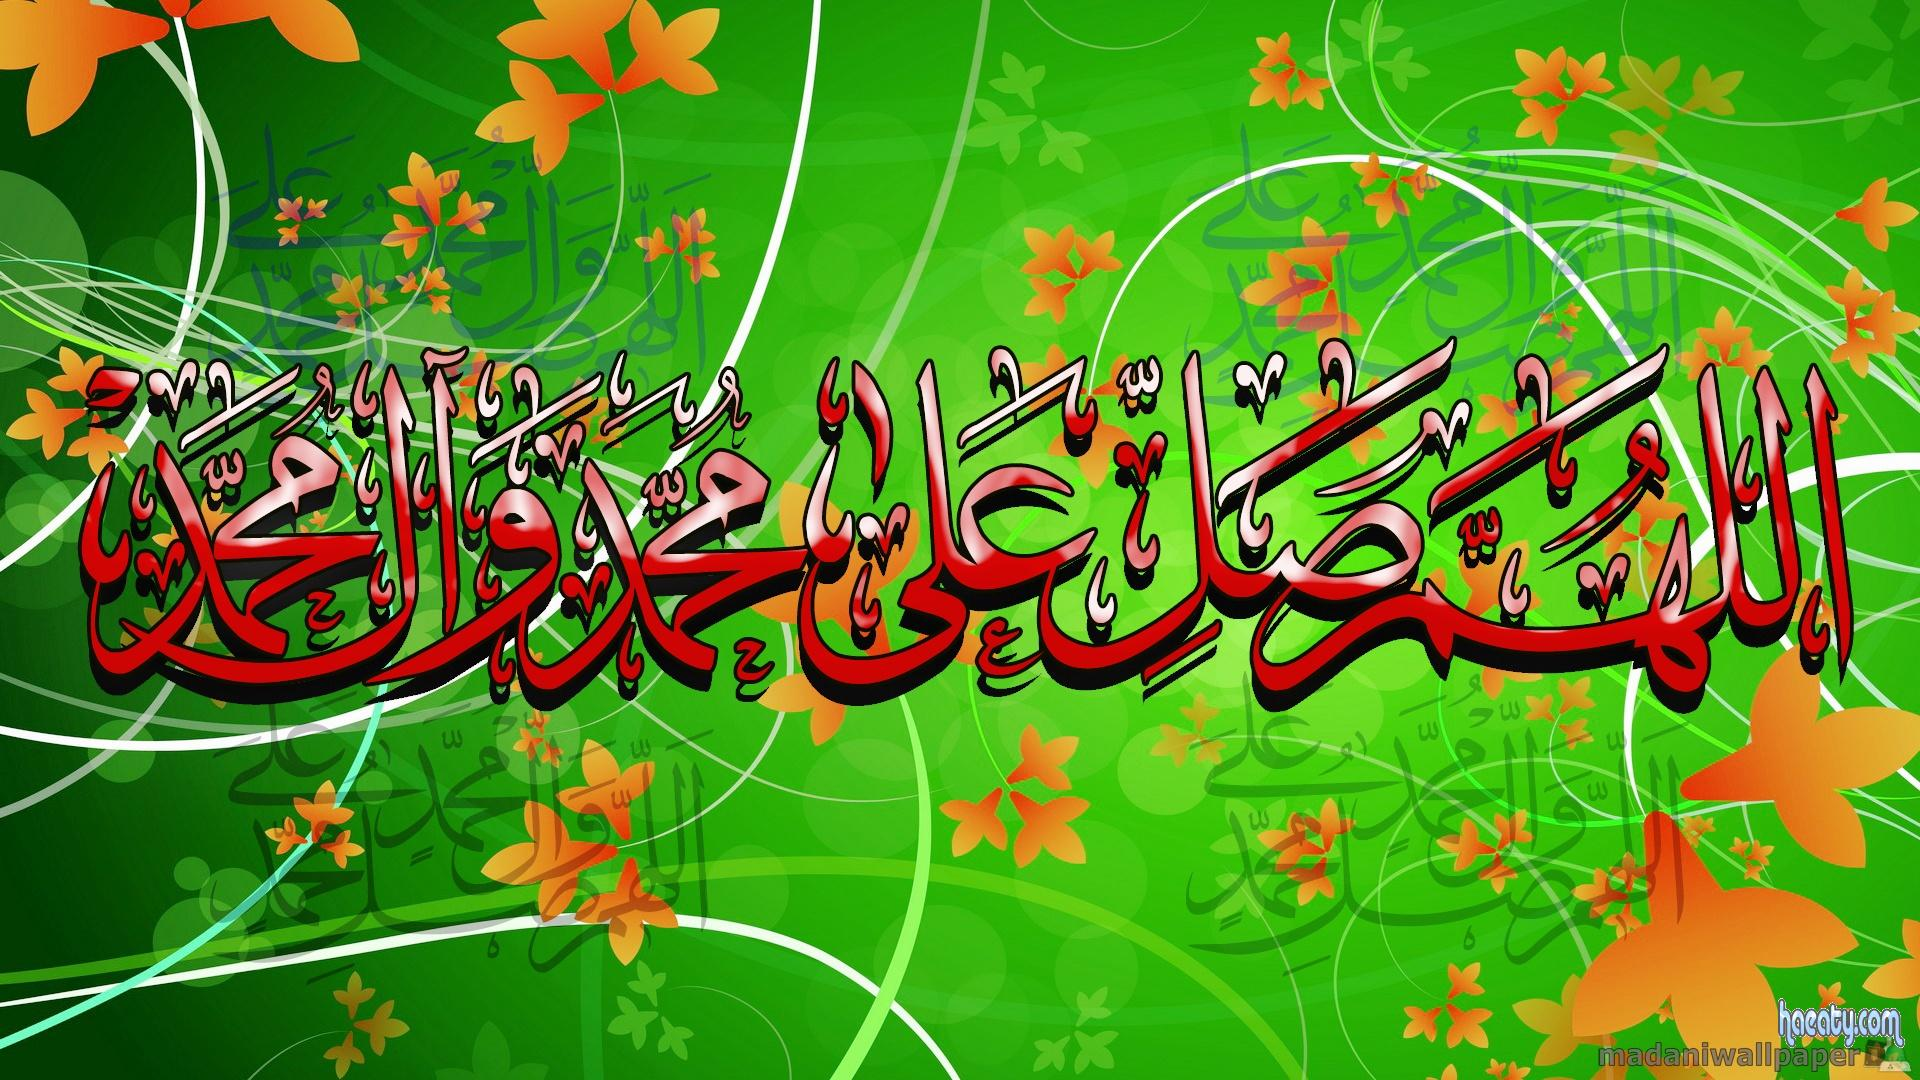 بالصور صور في غاية الروعه , ادعية اسلامية جميلة 3137 12